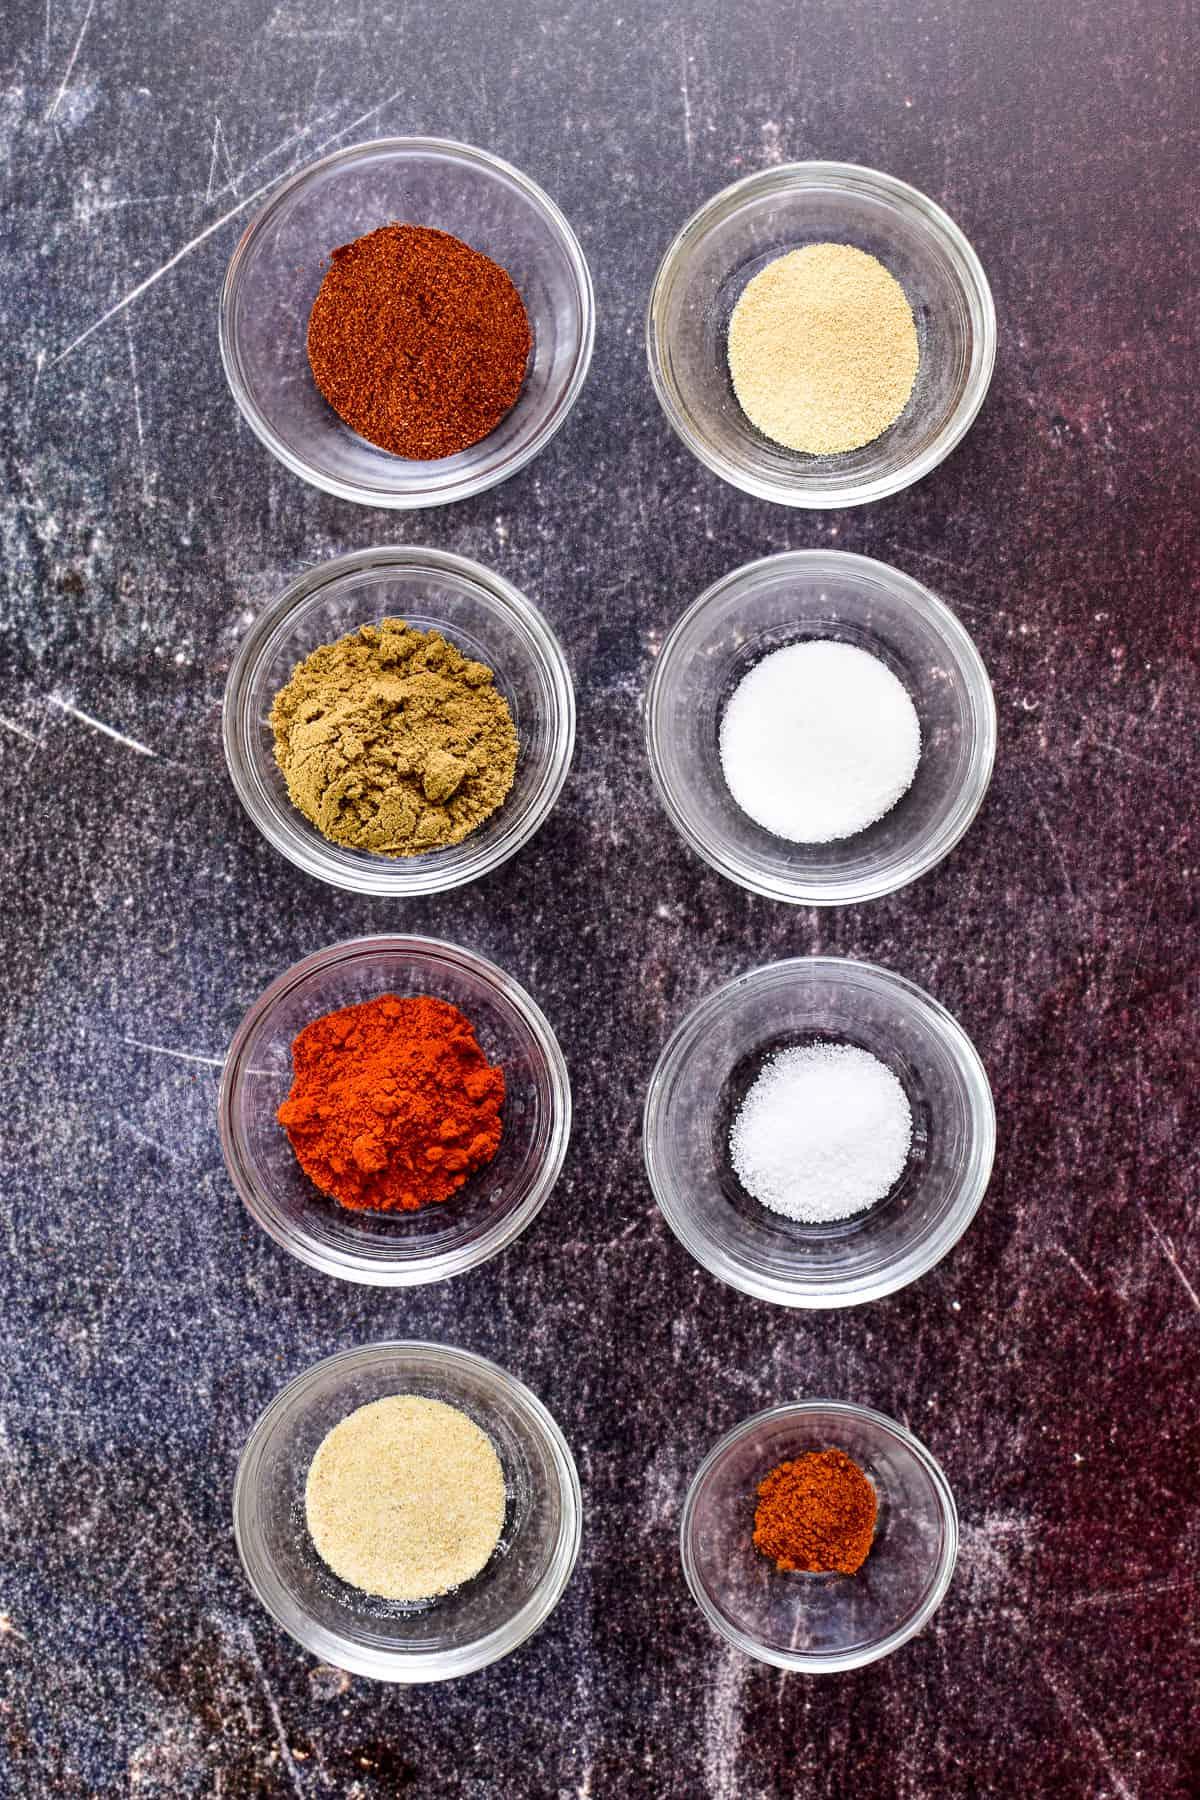 Fajita spices in small glass bowls